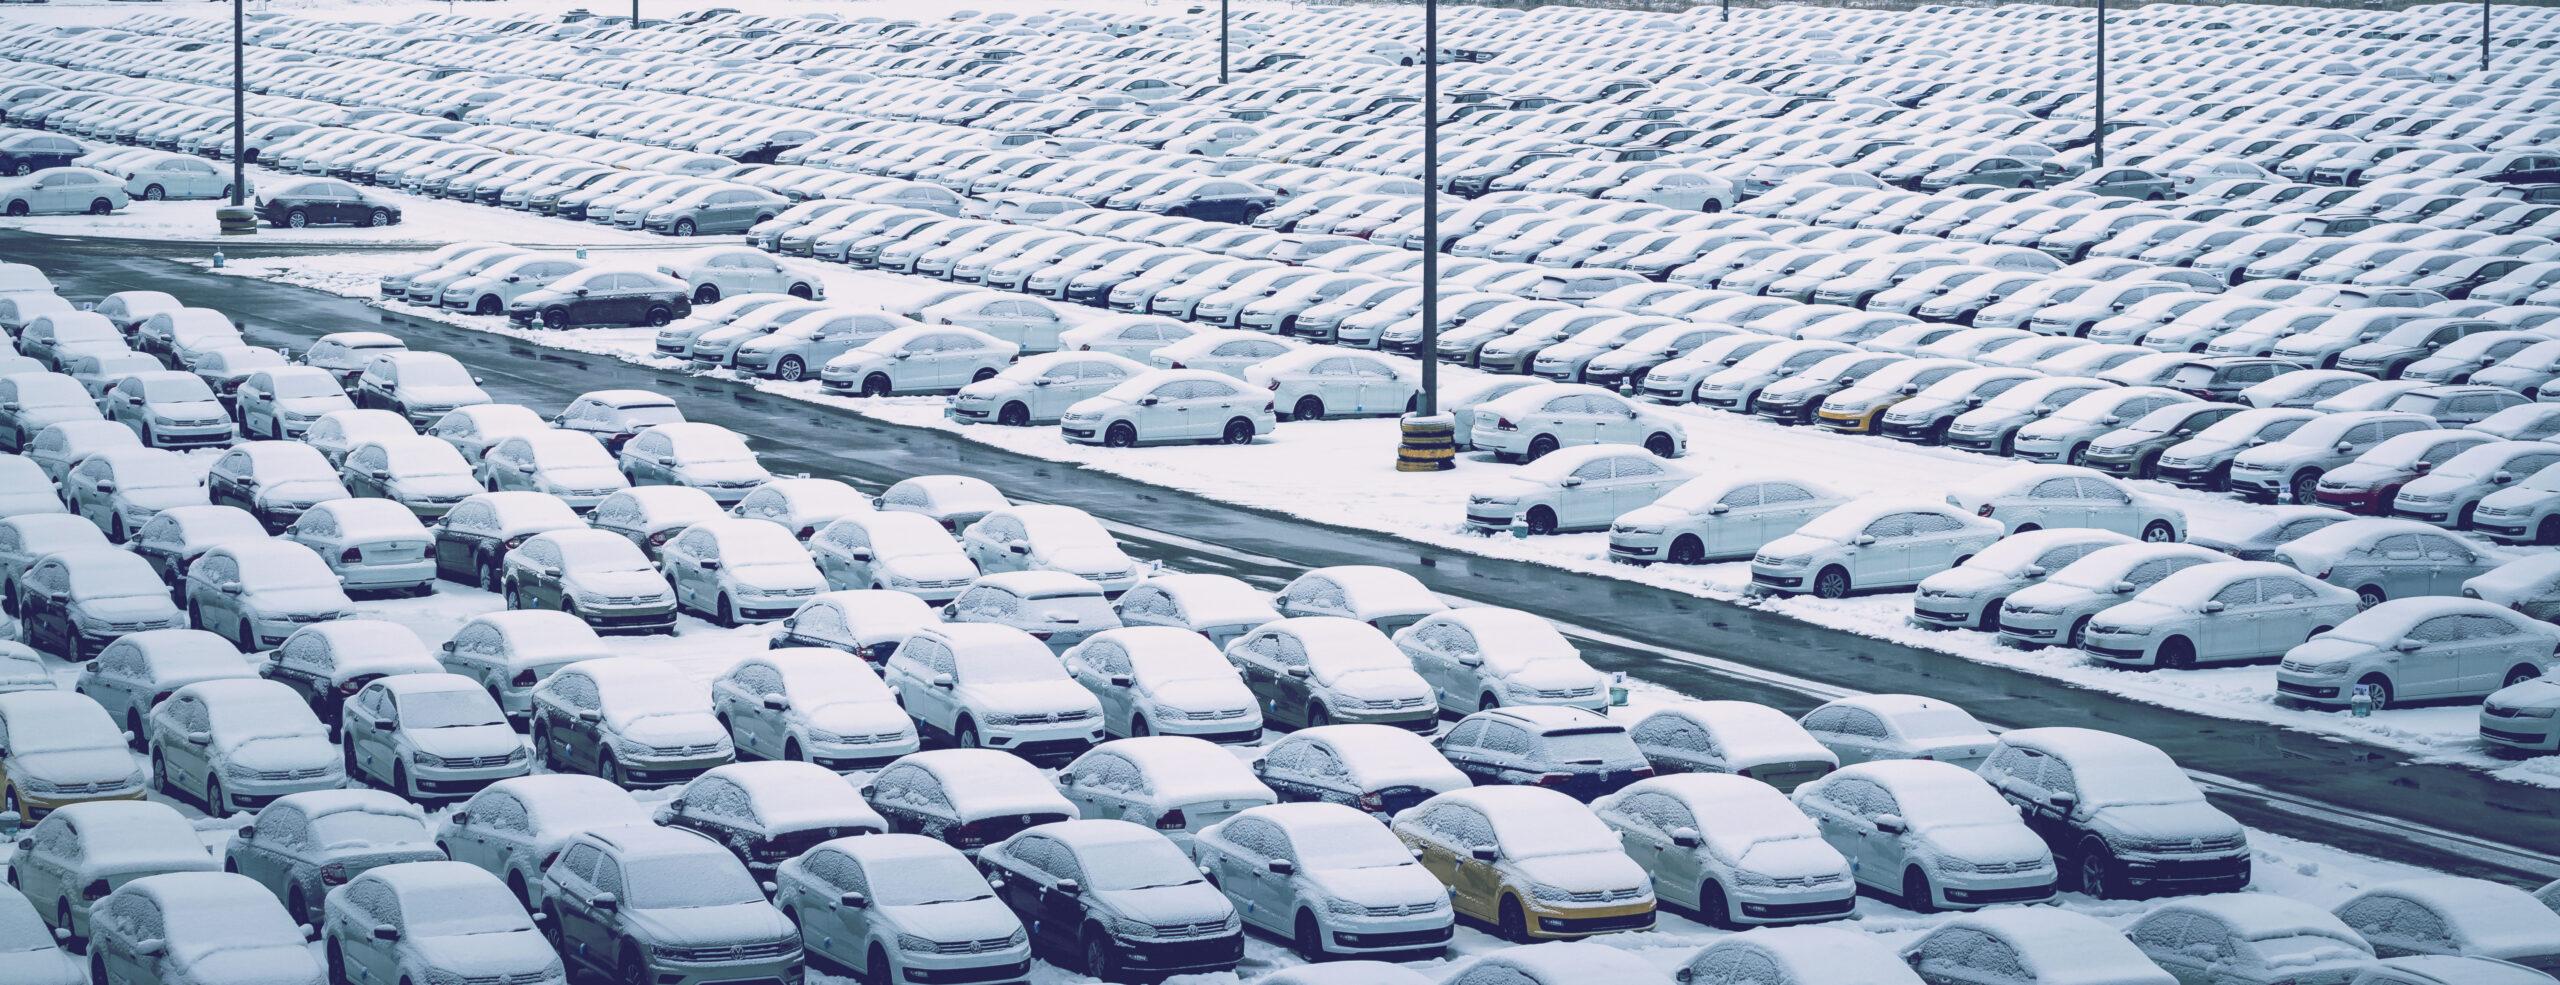 Cars in snow in car park